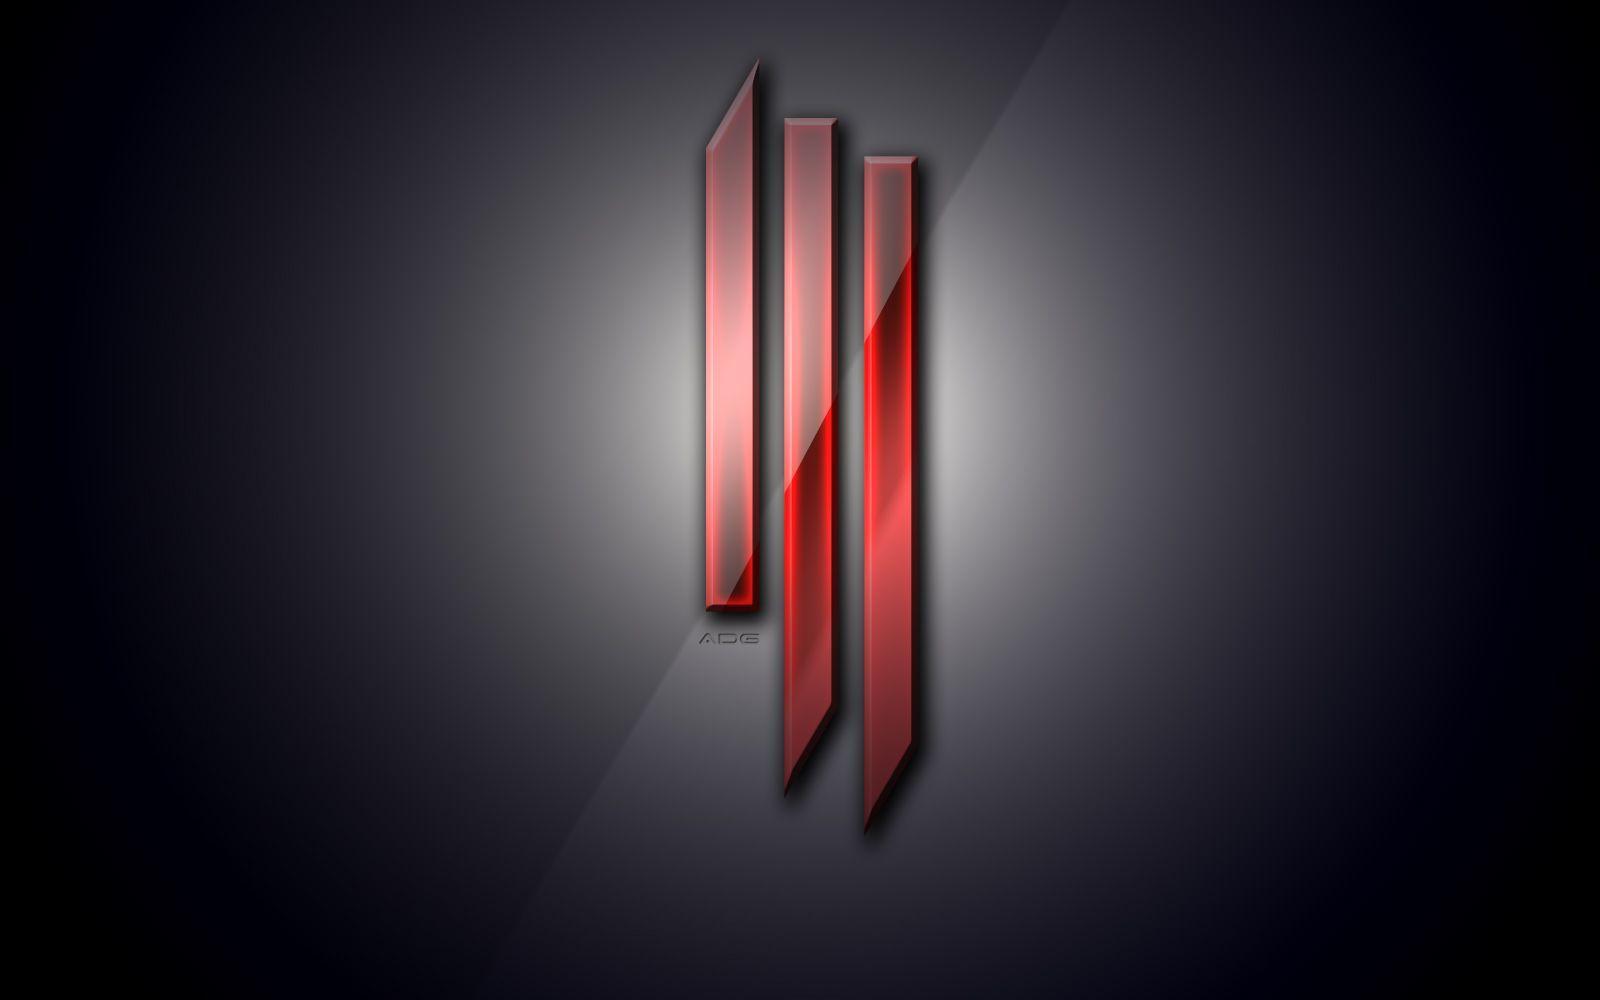 skrillex logo wallpaper 1080p widescreen www